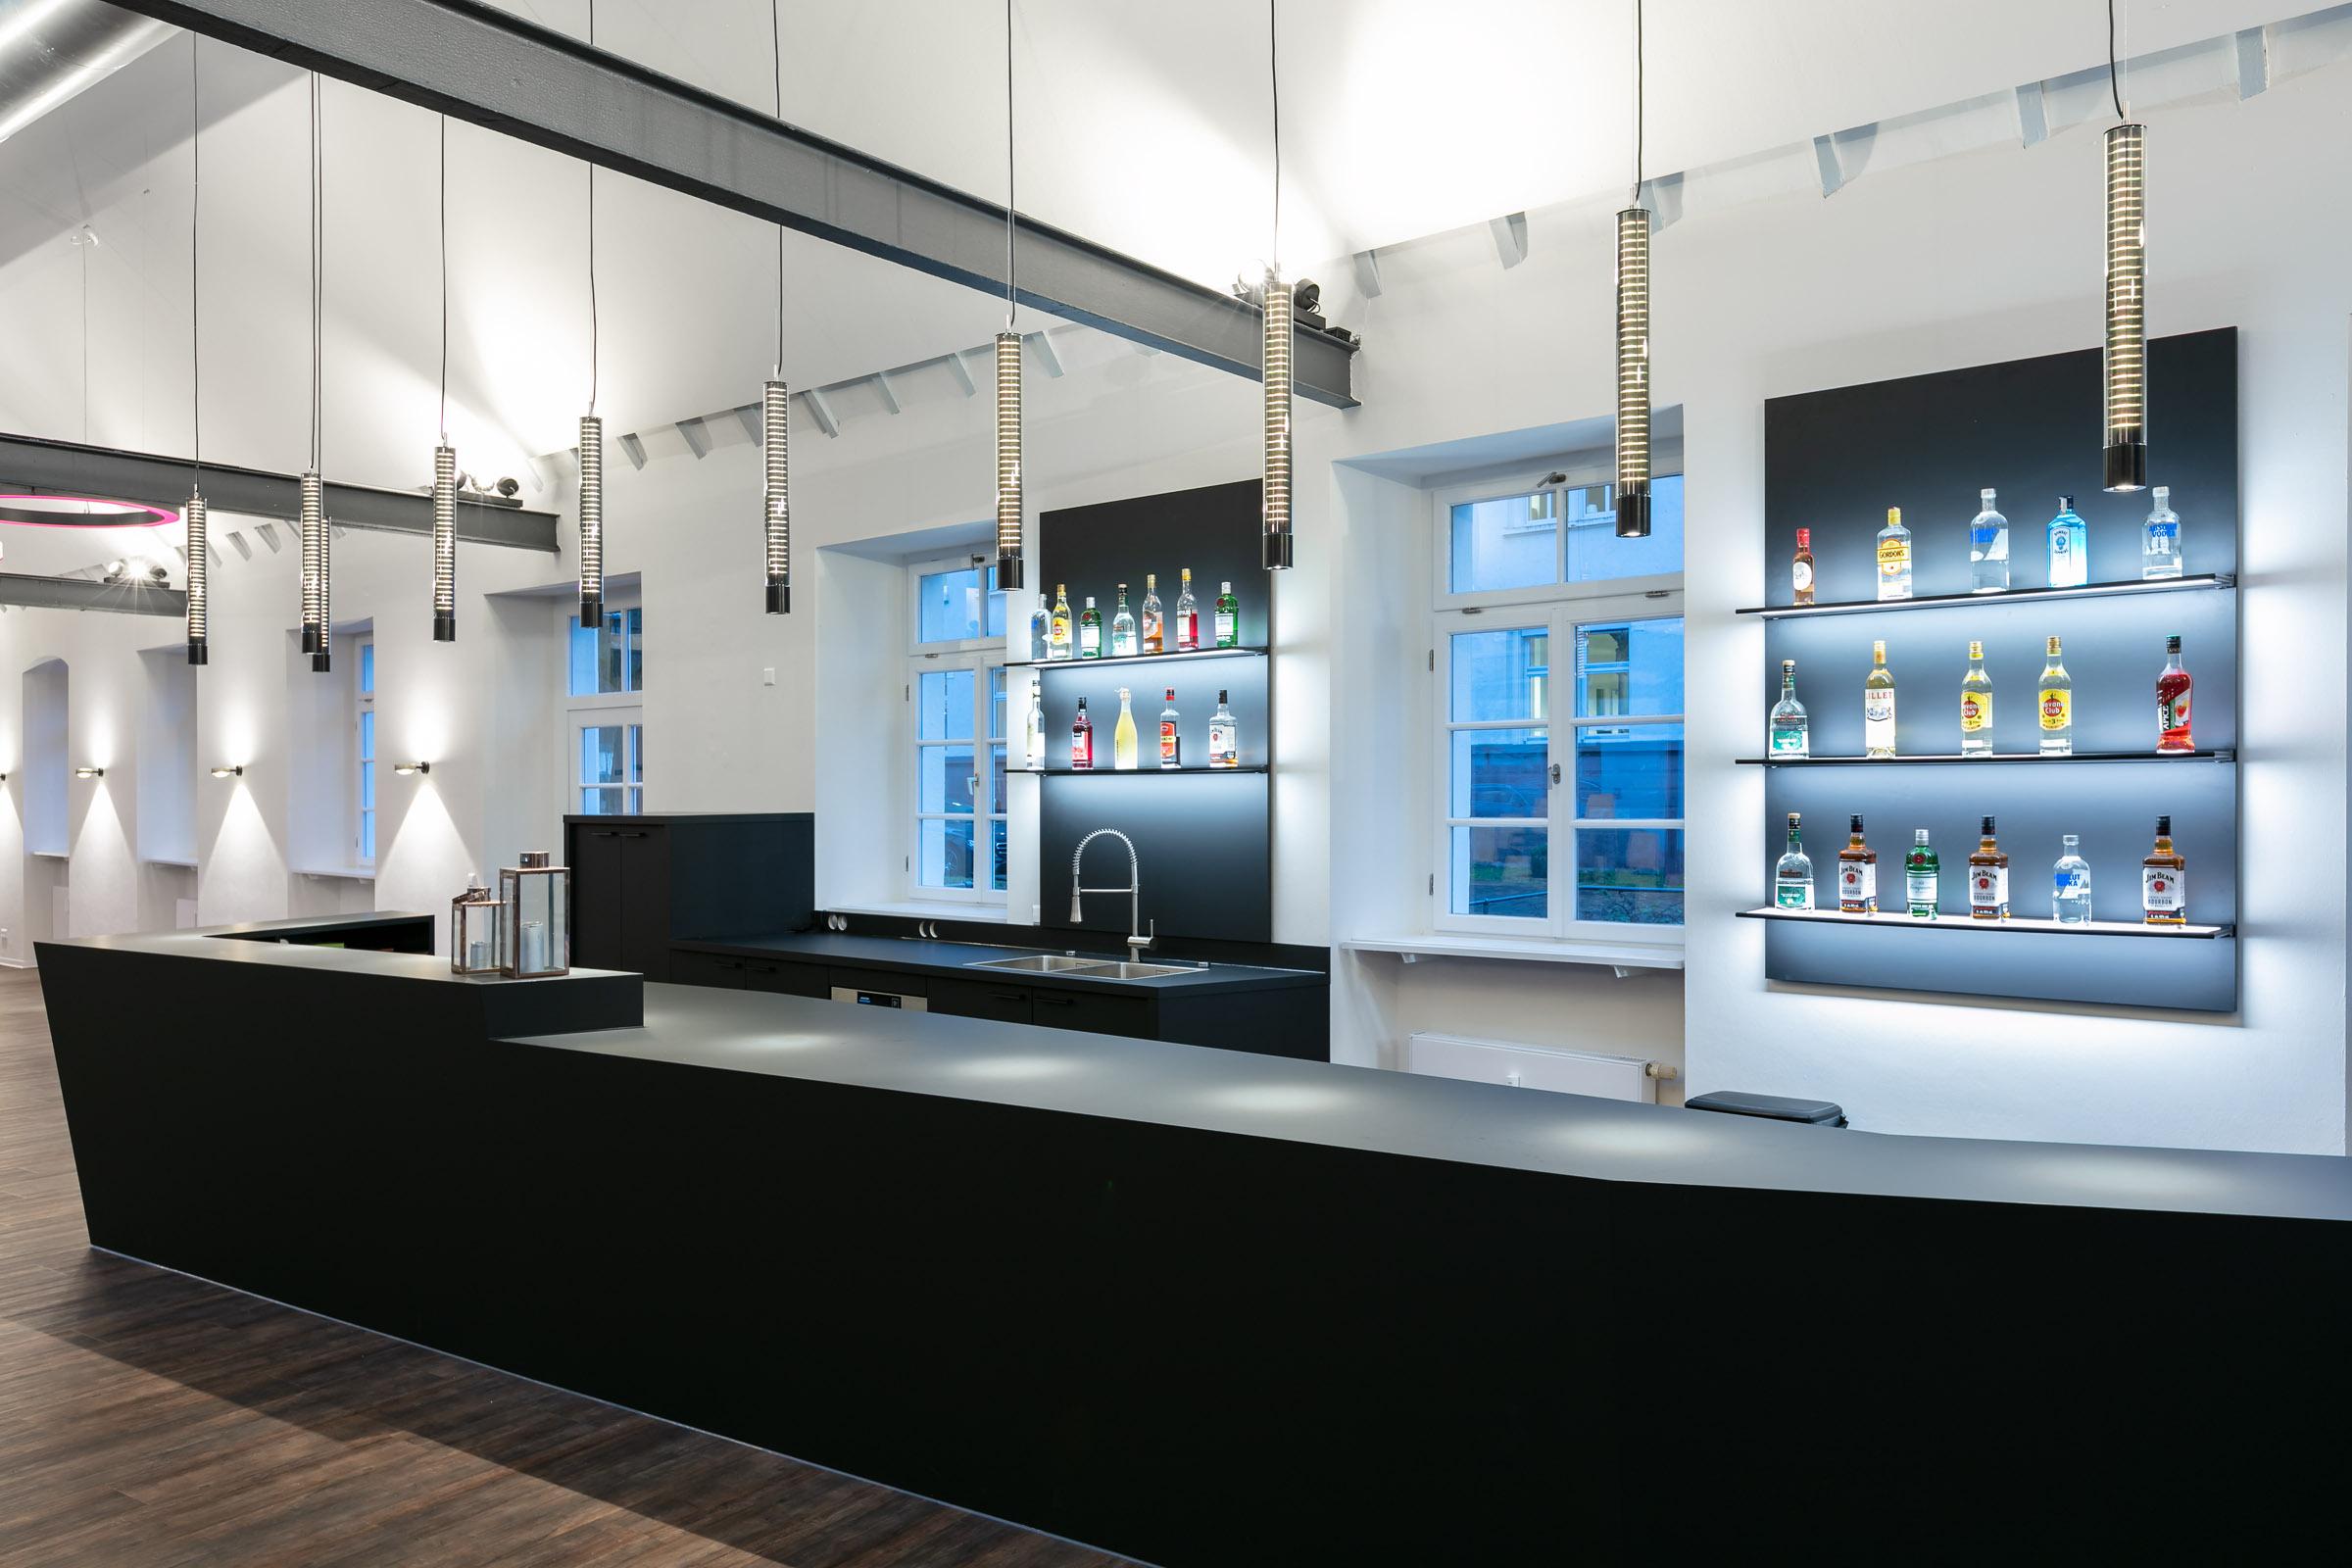 Edle Bar mit Theke und weiß leuchtenden Glashängeleuchten darüber